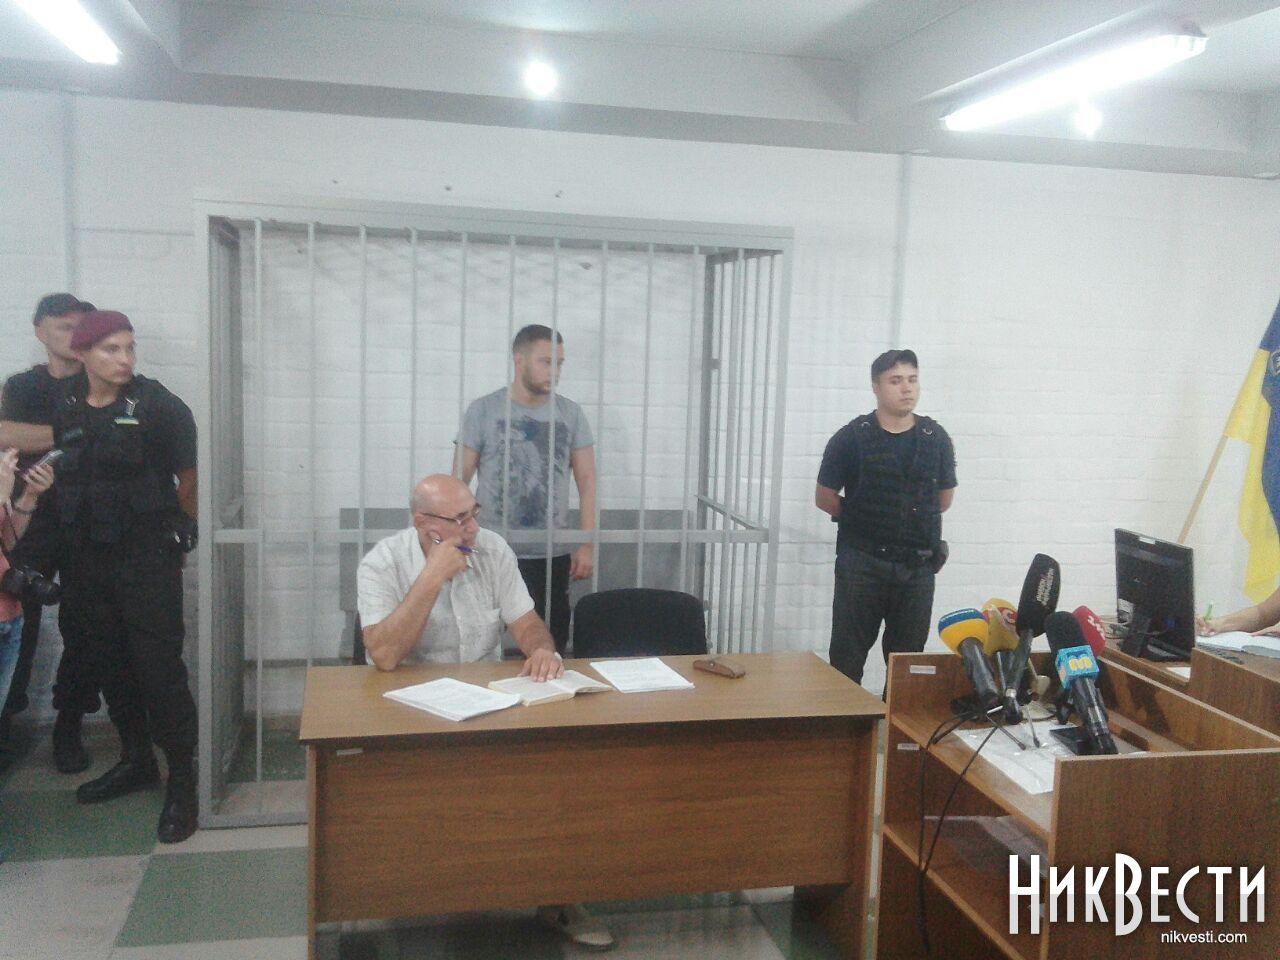 Виновнику ДТП вНиколаеве генпрокуратура проинформировала о сомнении